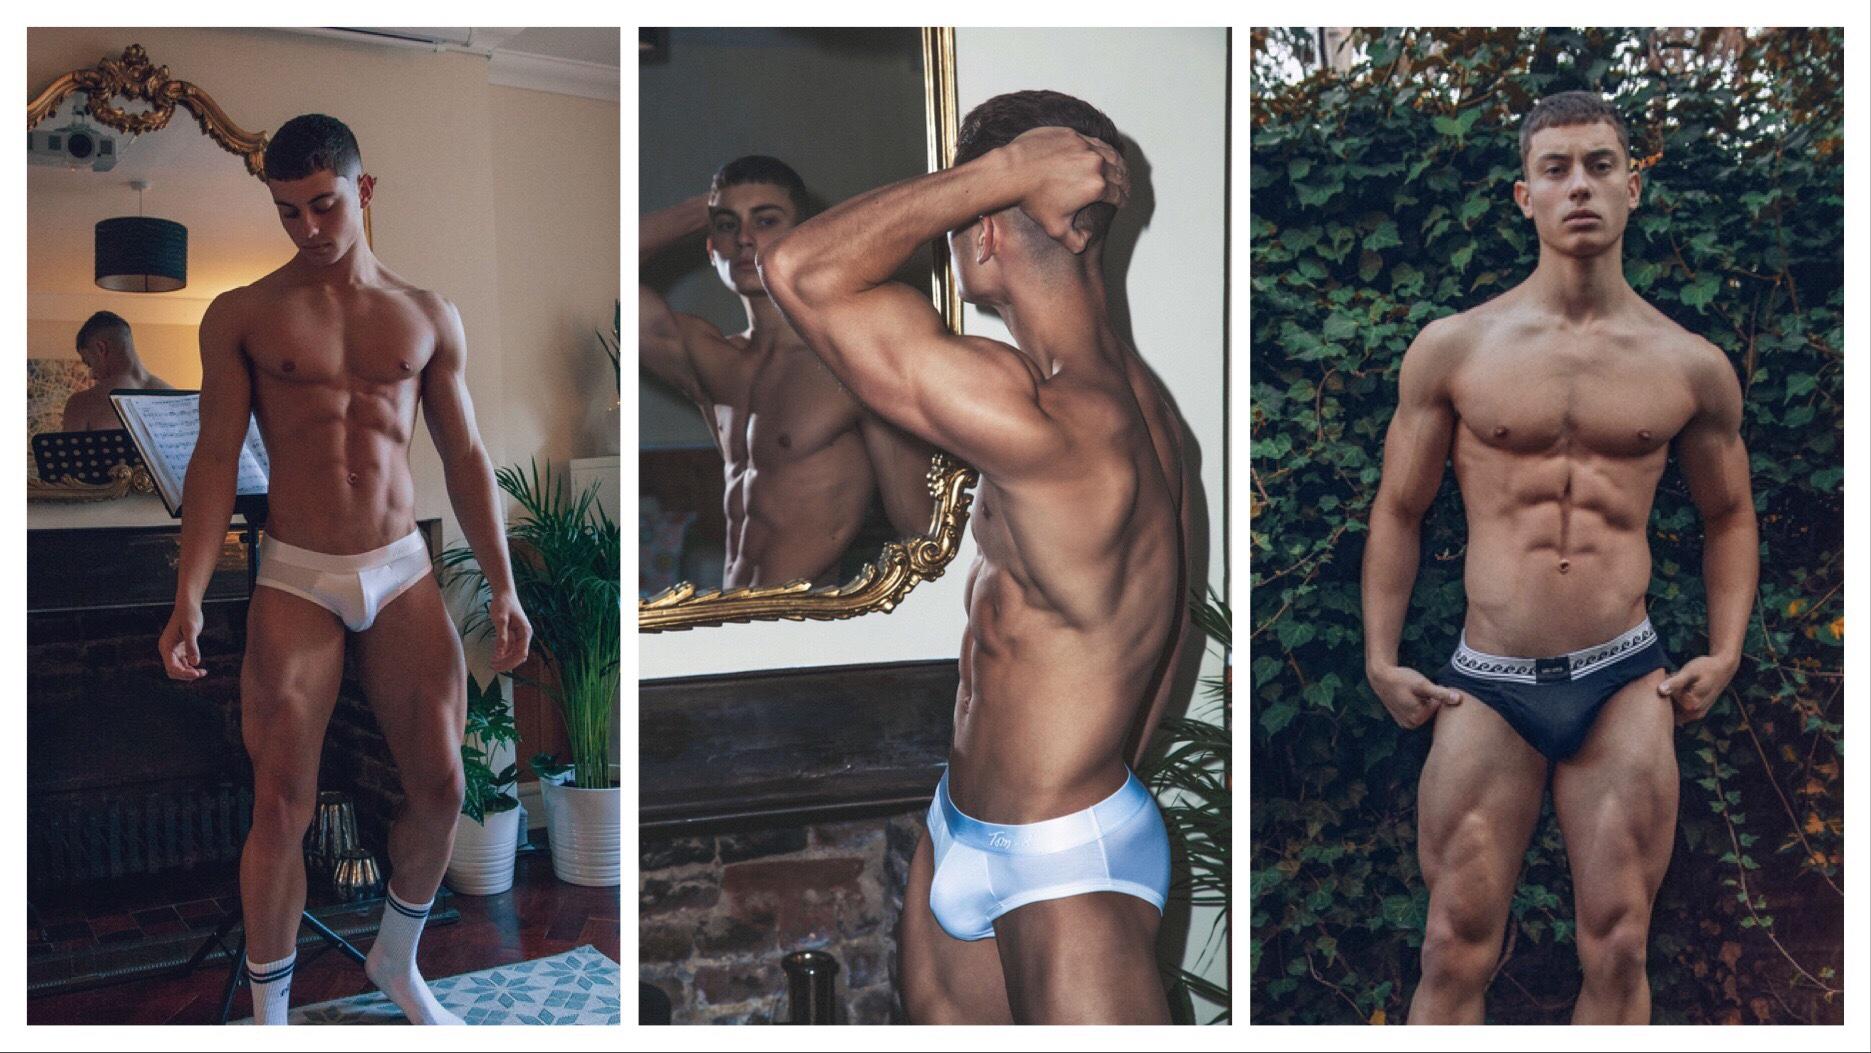 Jhonattan Burjack Nude 🇬🇧 ellis kanepantelis for coitus - bob magazine